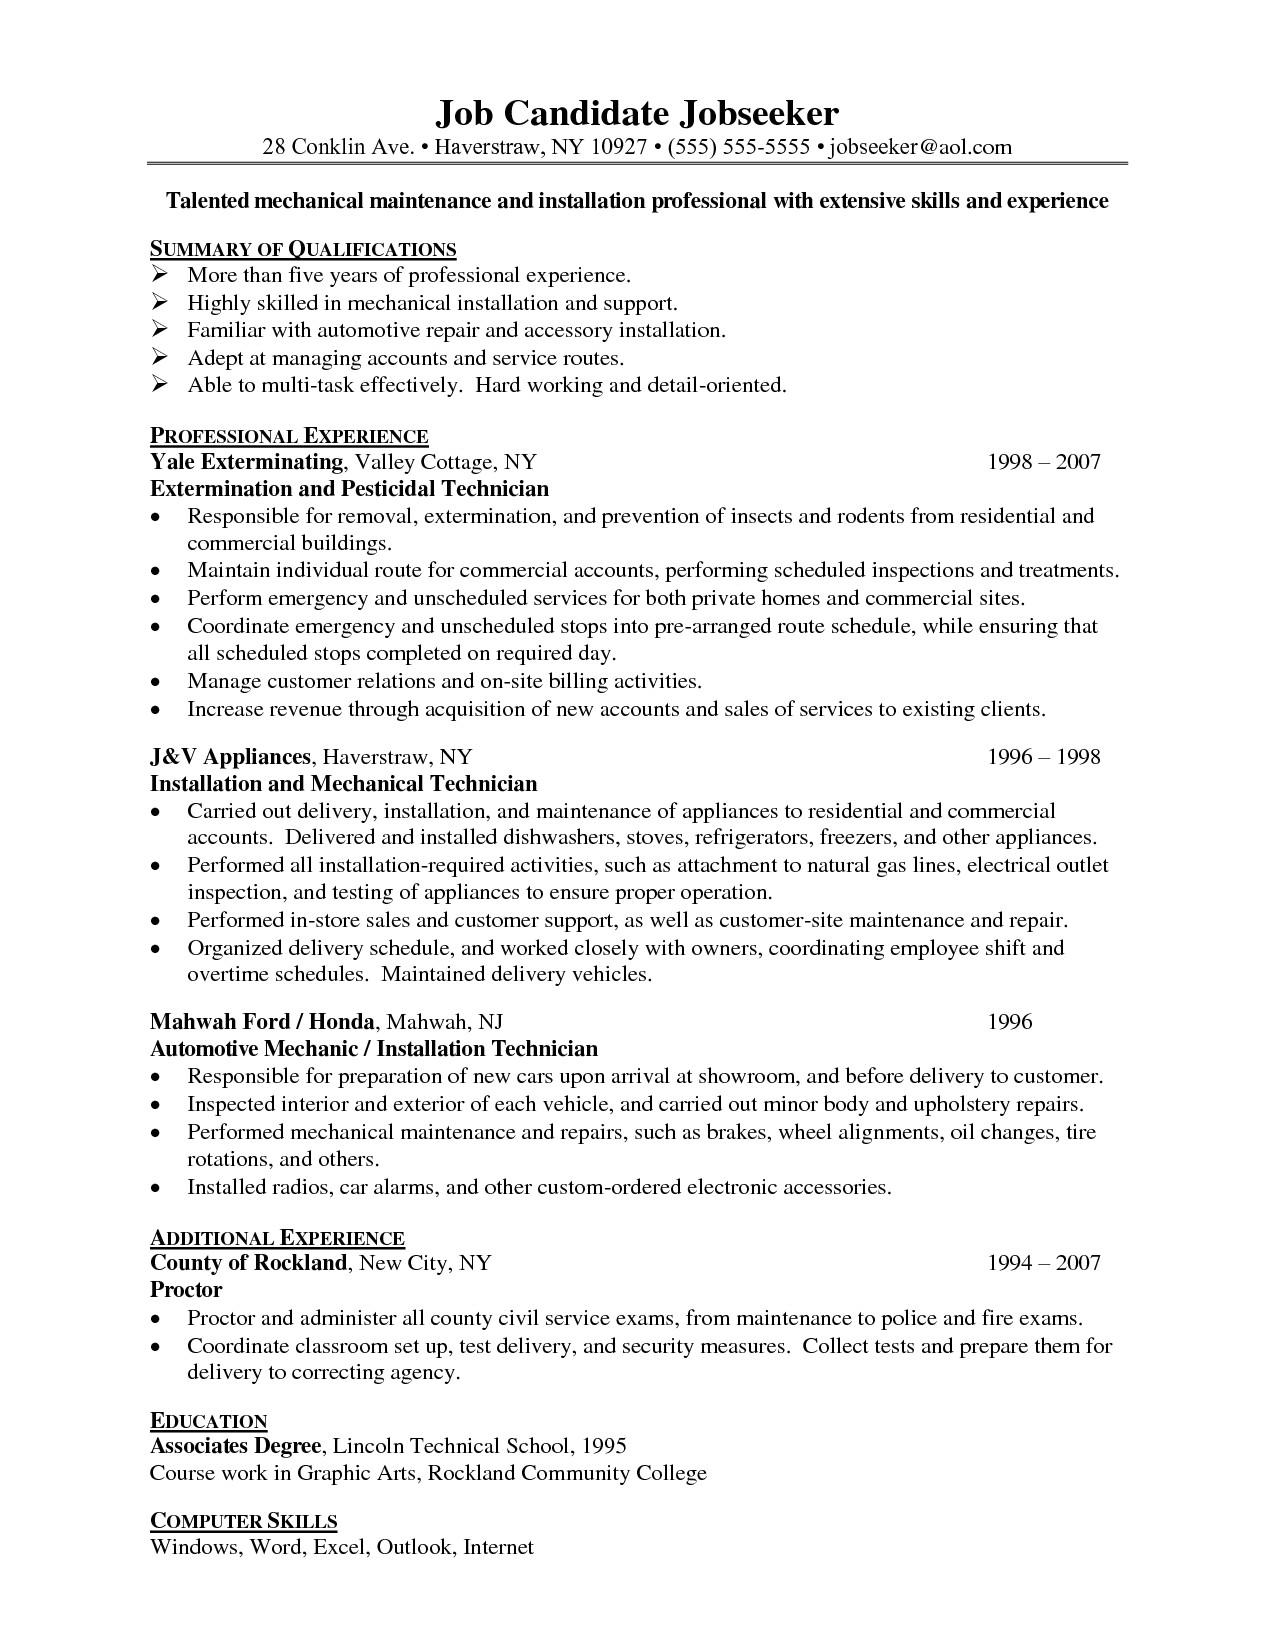 resume templates yale